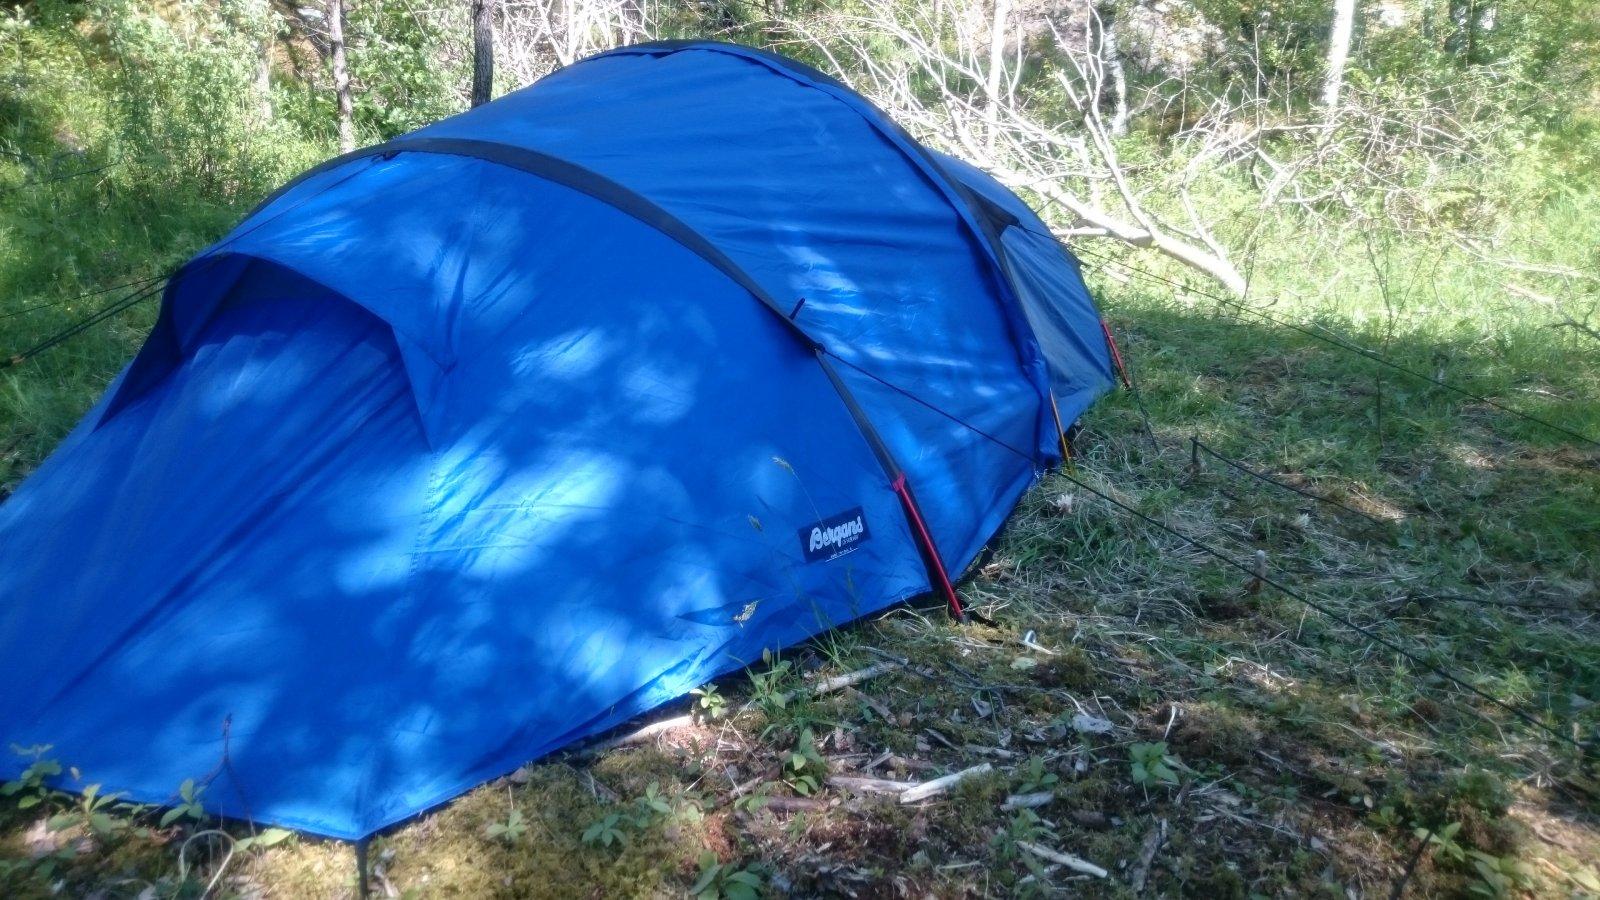 All posts from KimH in Hvilke telt har du i samlingen din